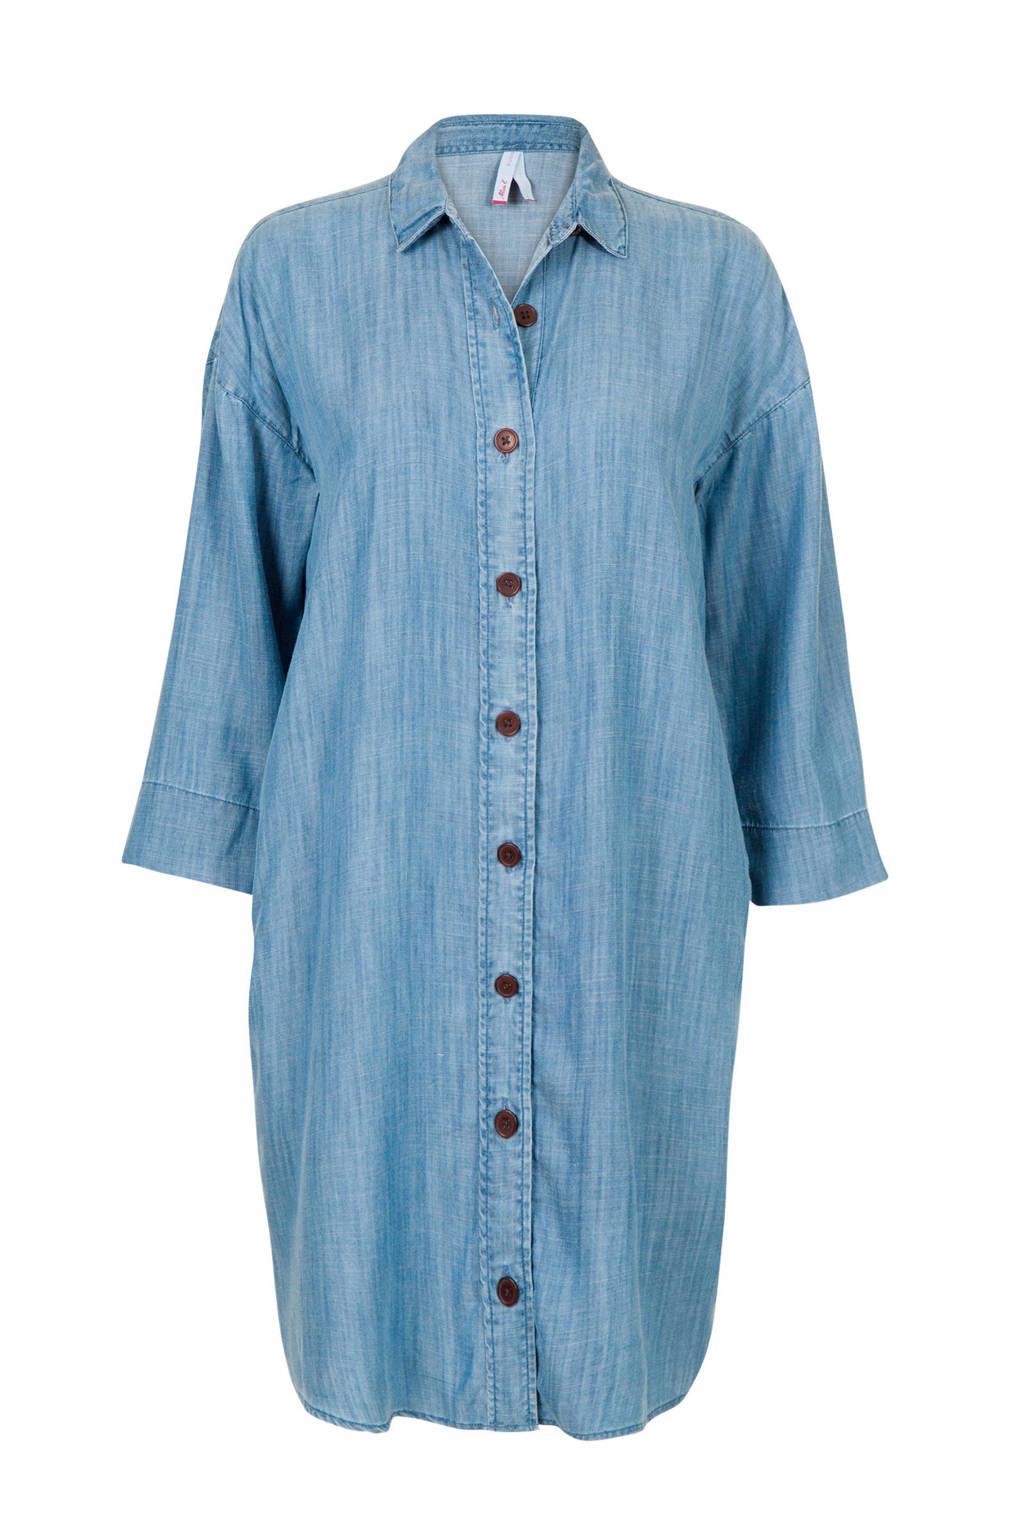 Miss Etam Regulier blouse light denim, Light denim